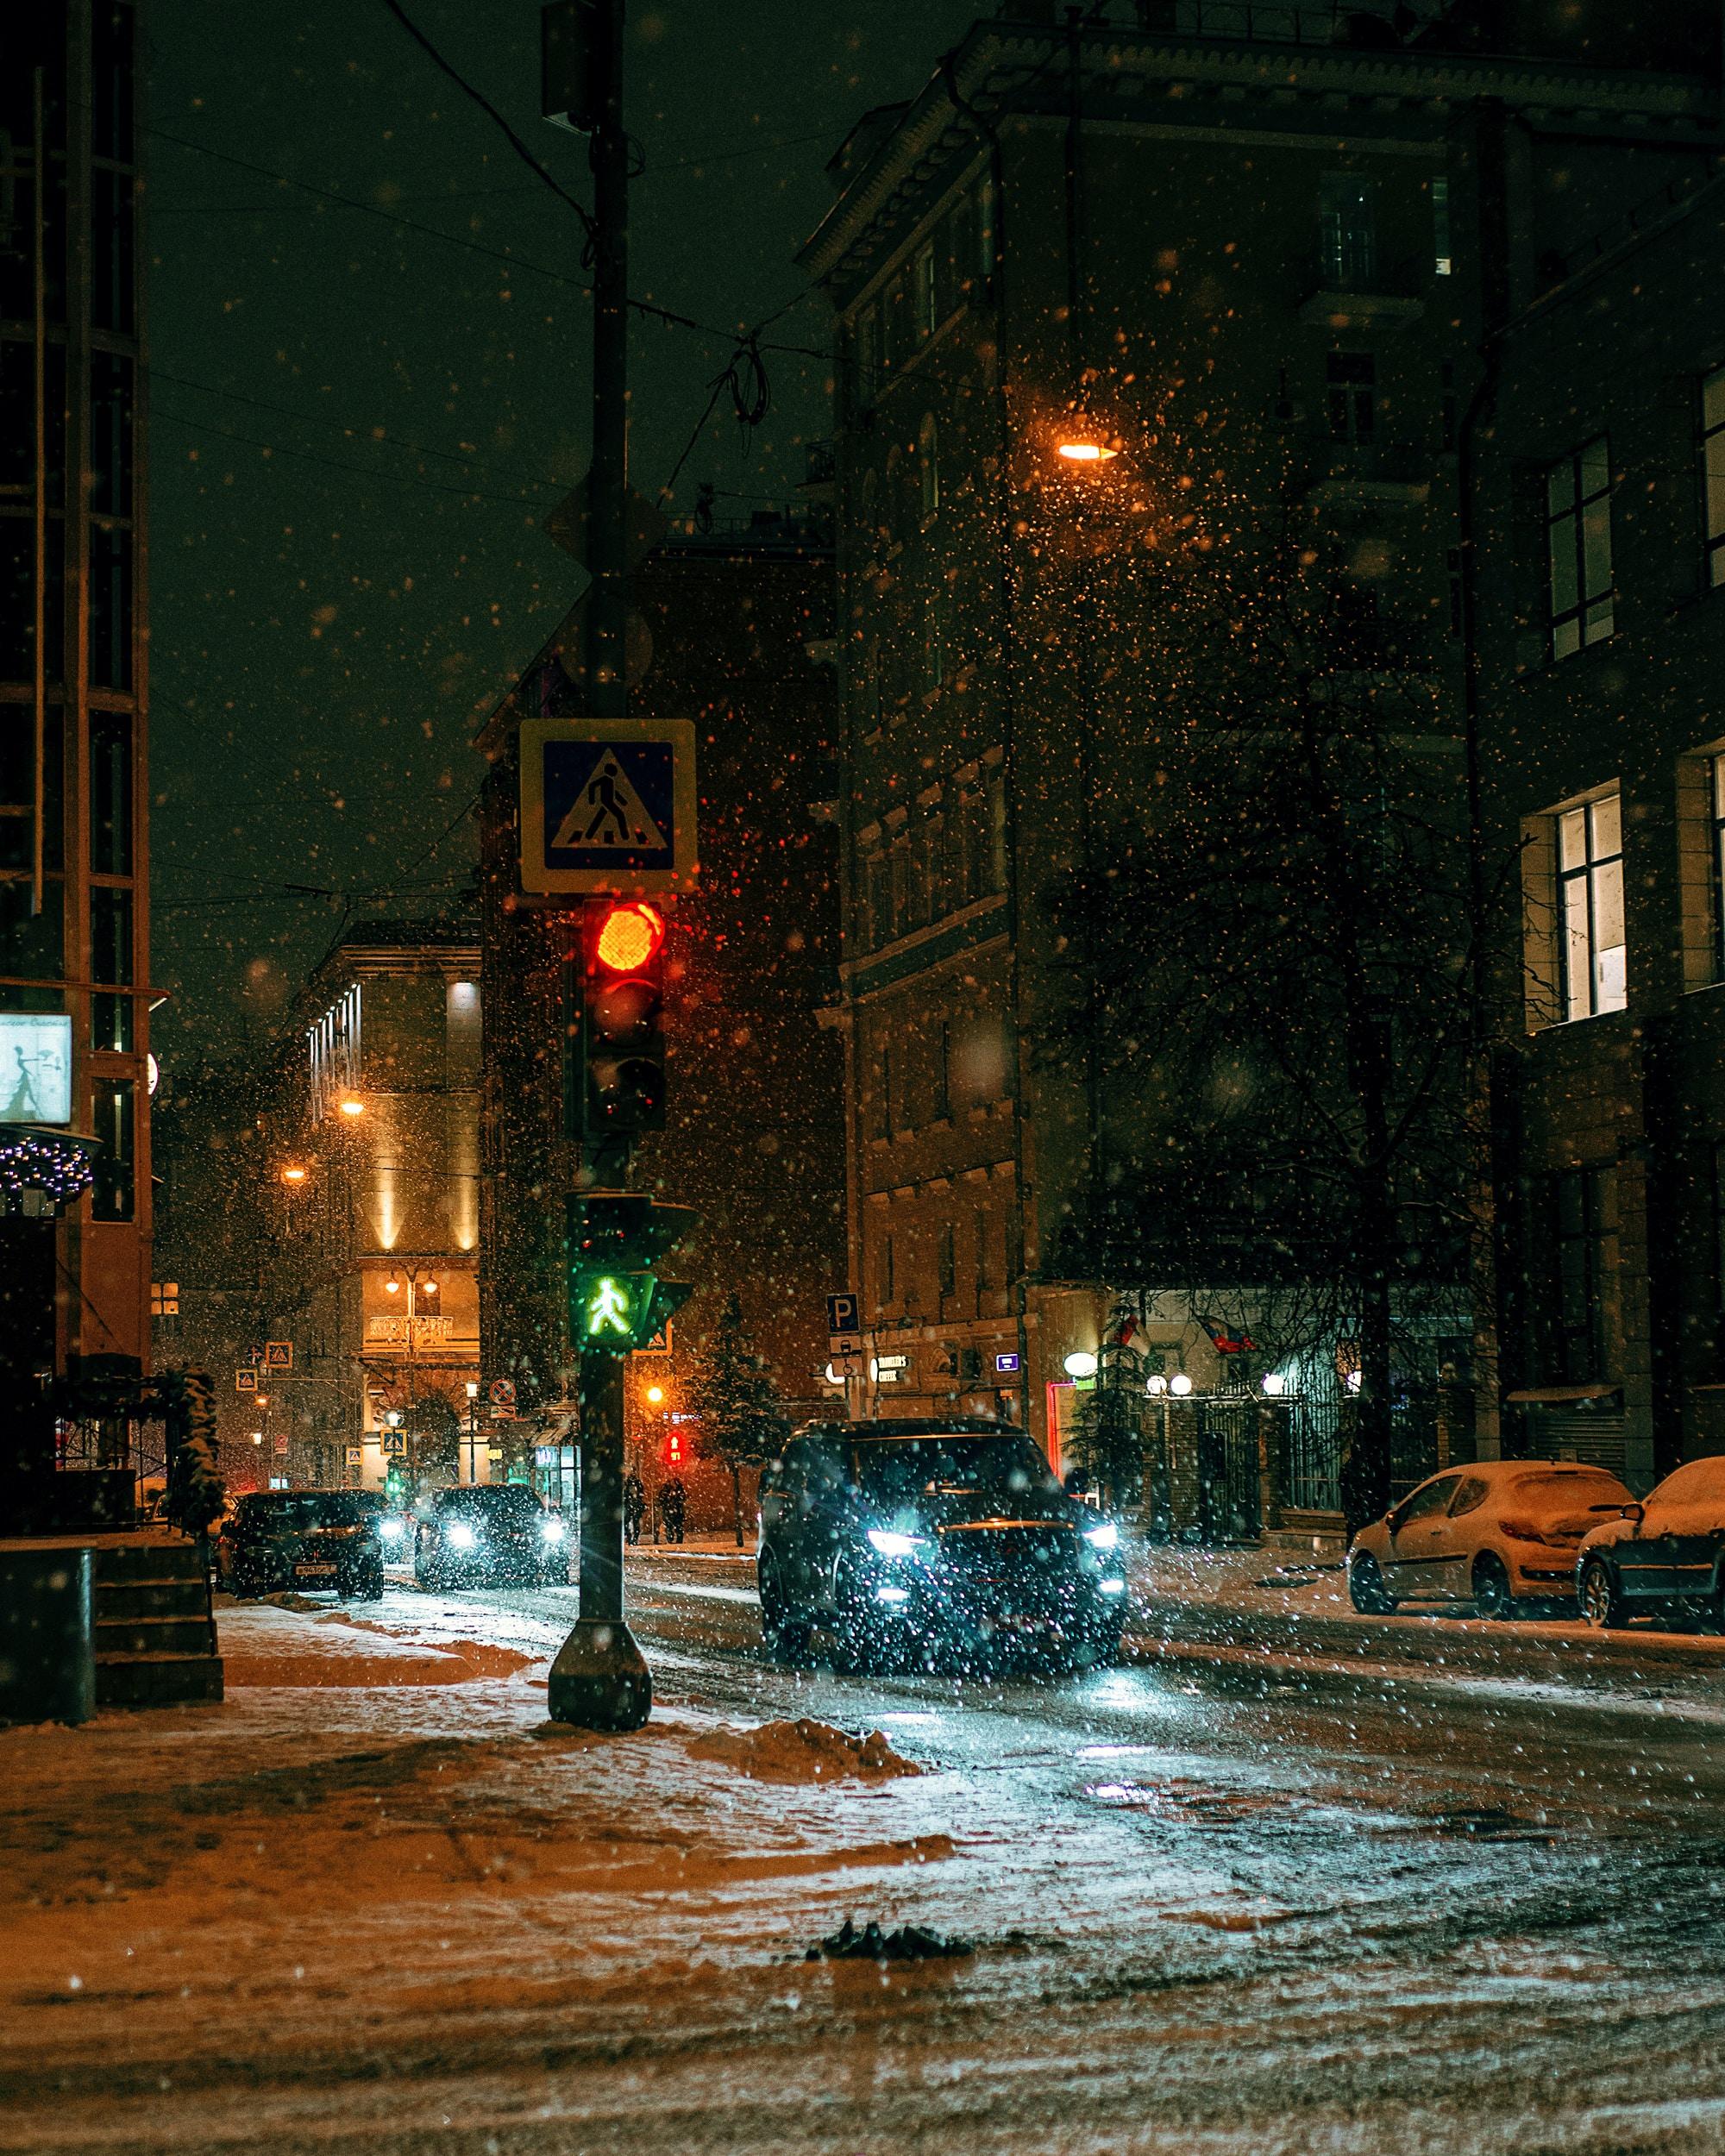 123641 скачать обои Город, Улица, Ночь, Снег, Города, Машины - заставки и картинки бесплатно